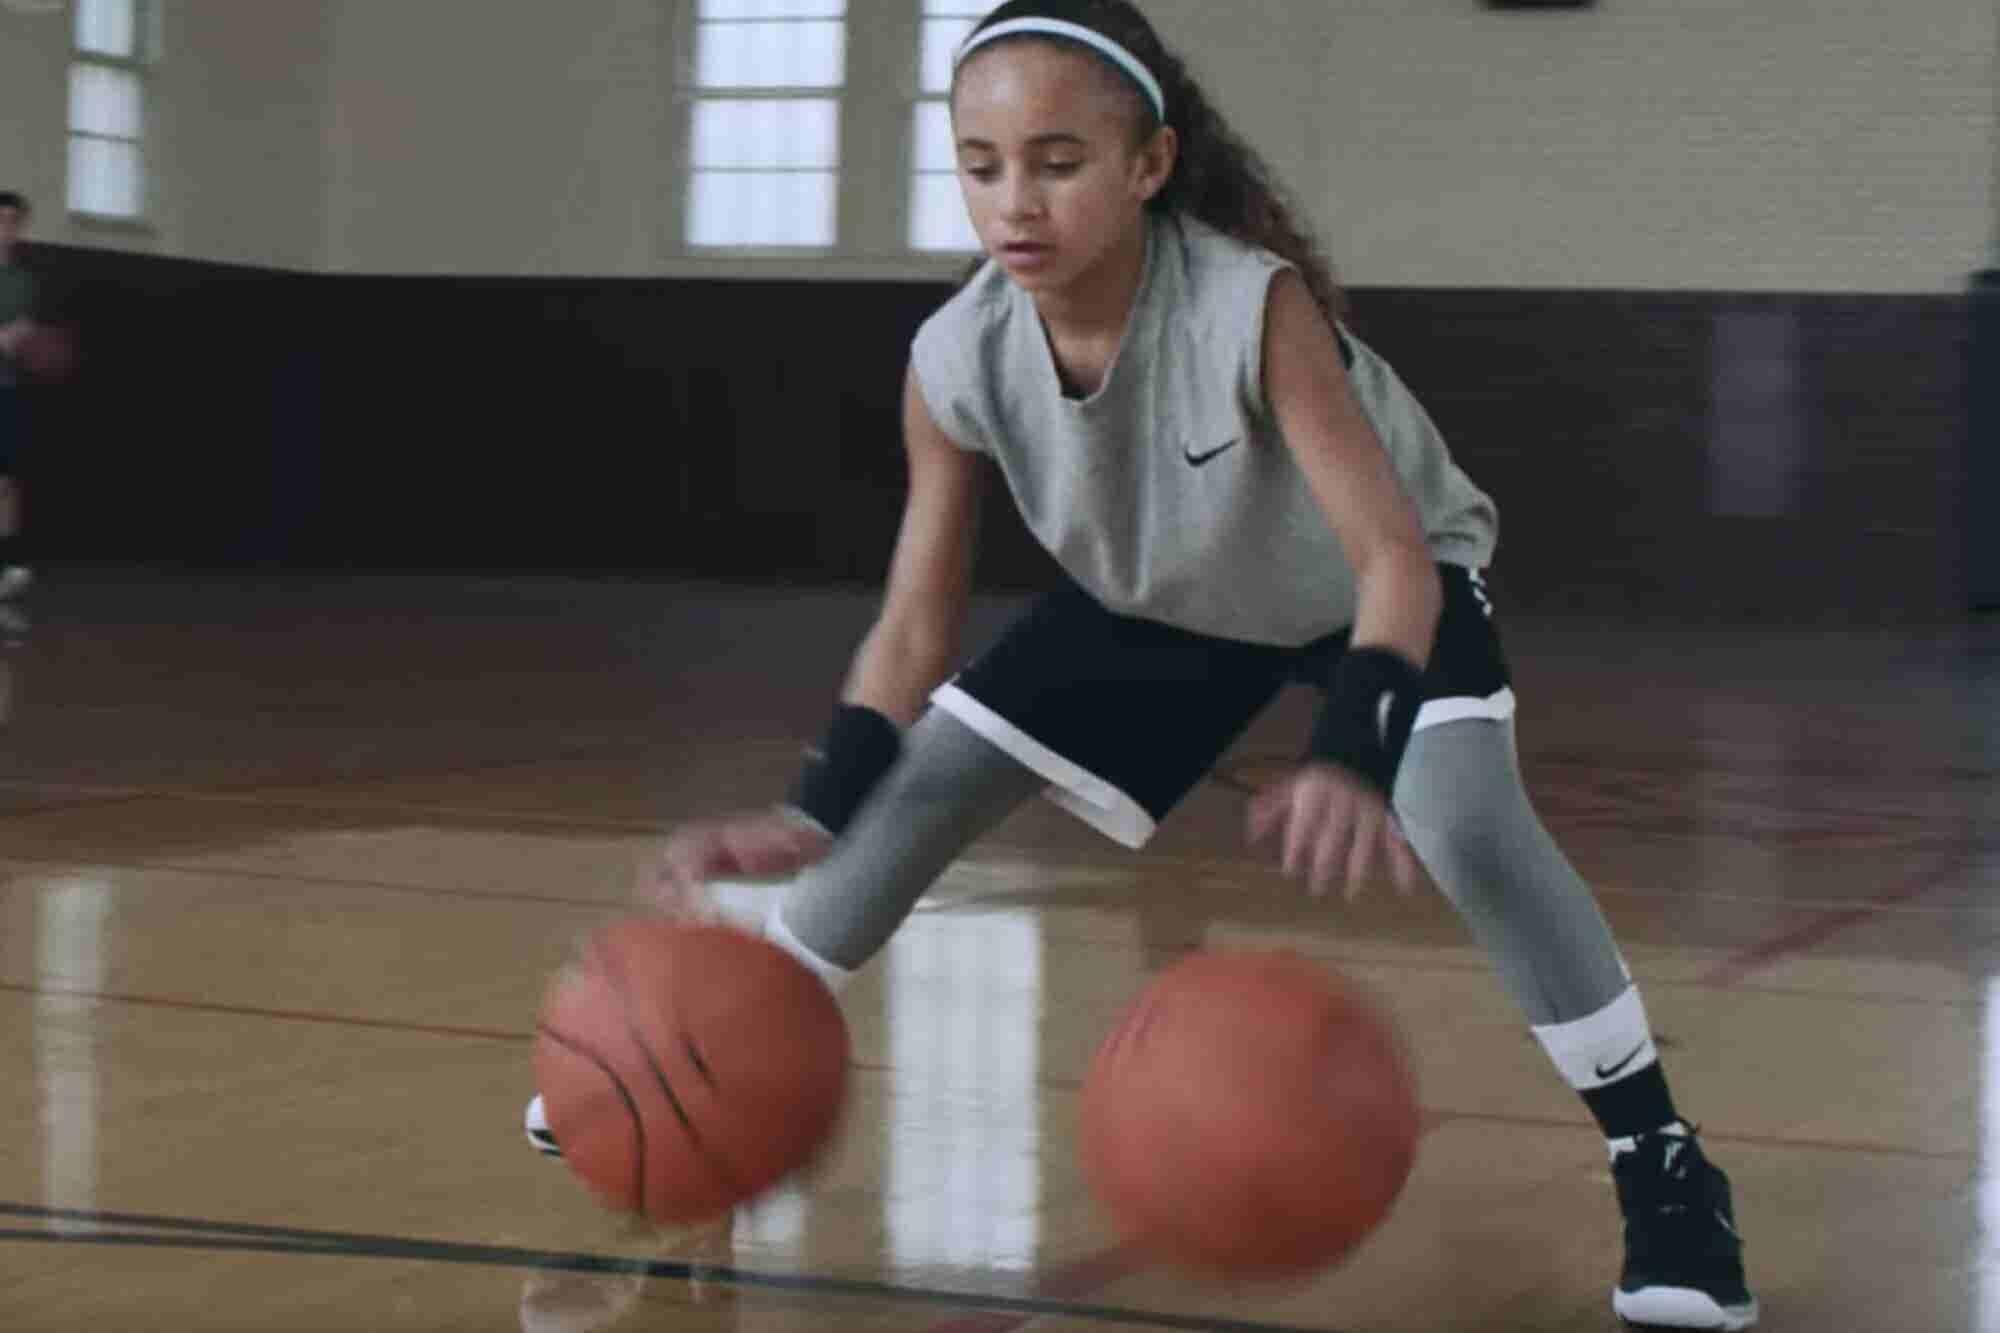 El nuevo comercial de Nike muestra por qué las mujeres 'están locas'